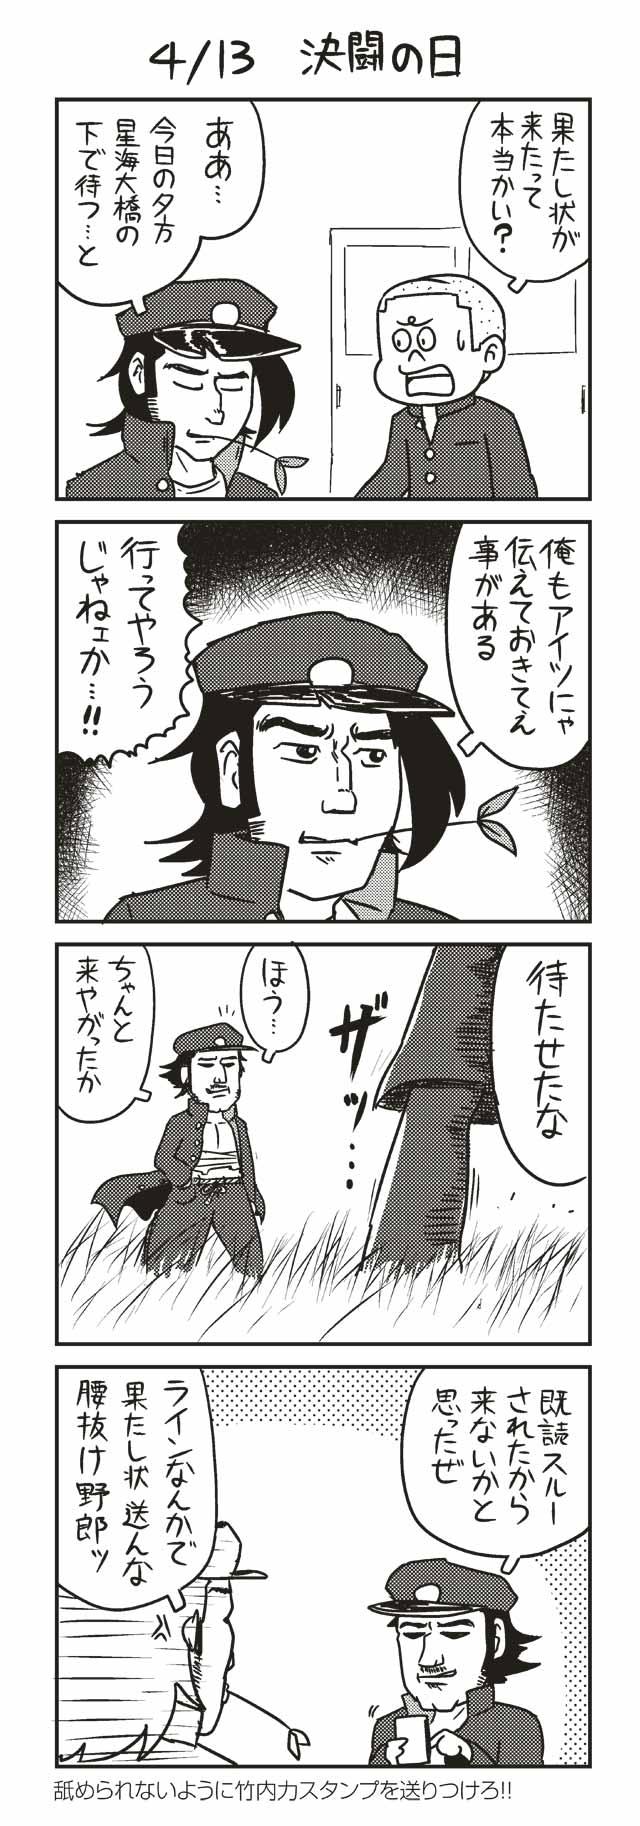 4/13 決闘の日 『ノヒマンガ』 ポン